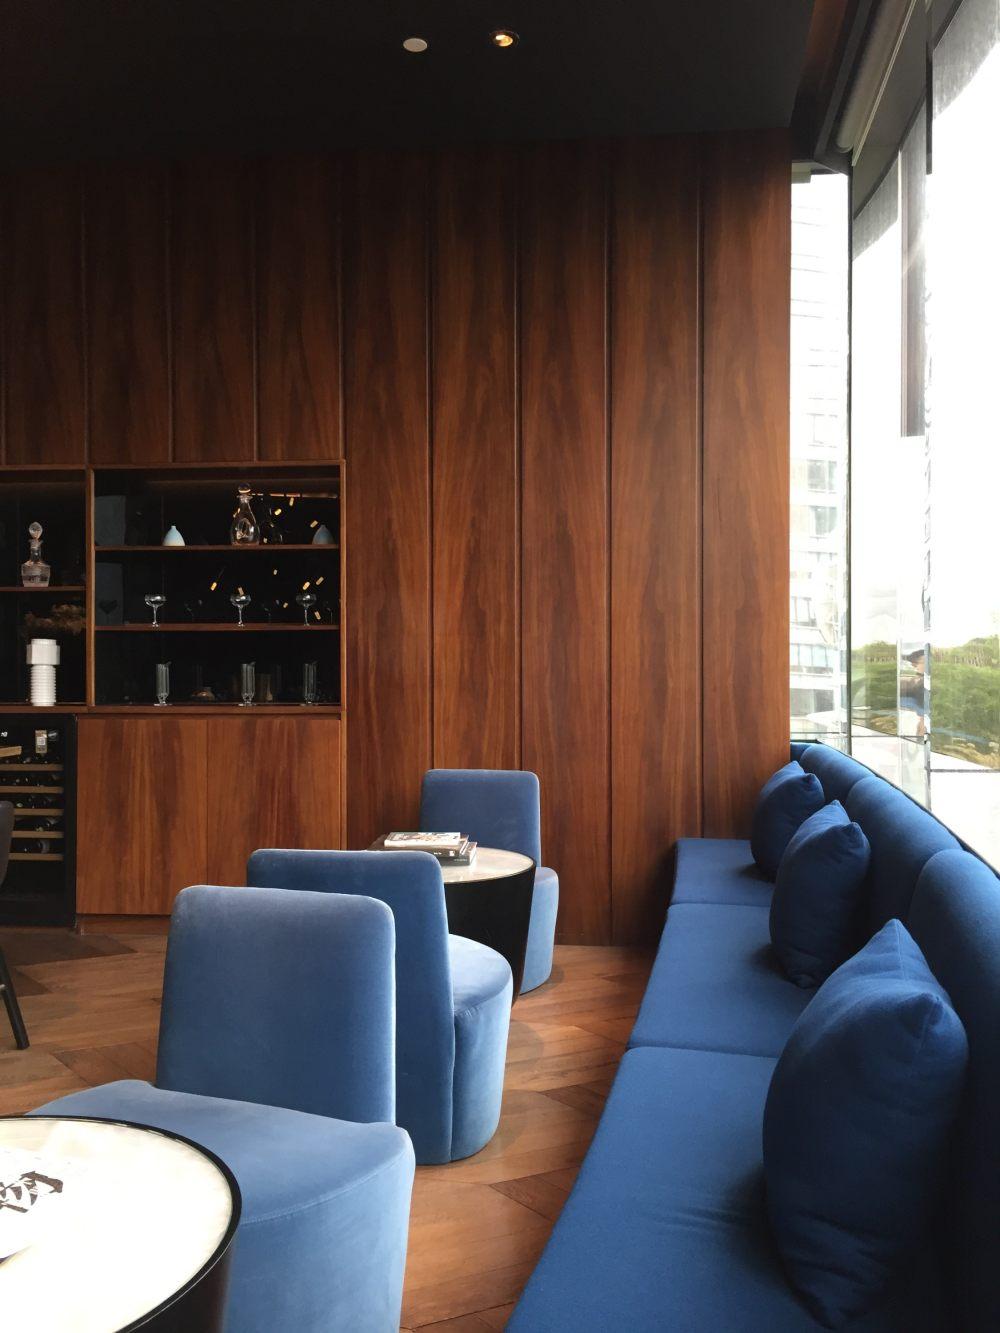 上海外滩W酒店,史上最全入住体验 自拍分享,申请置...._IMG_6353.JPG